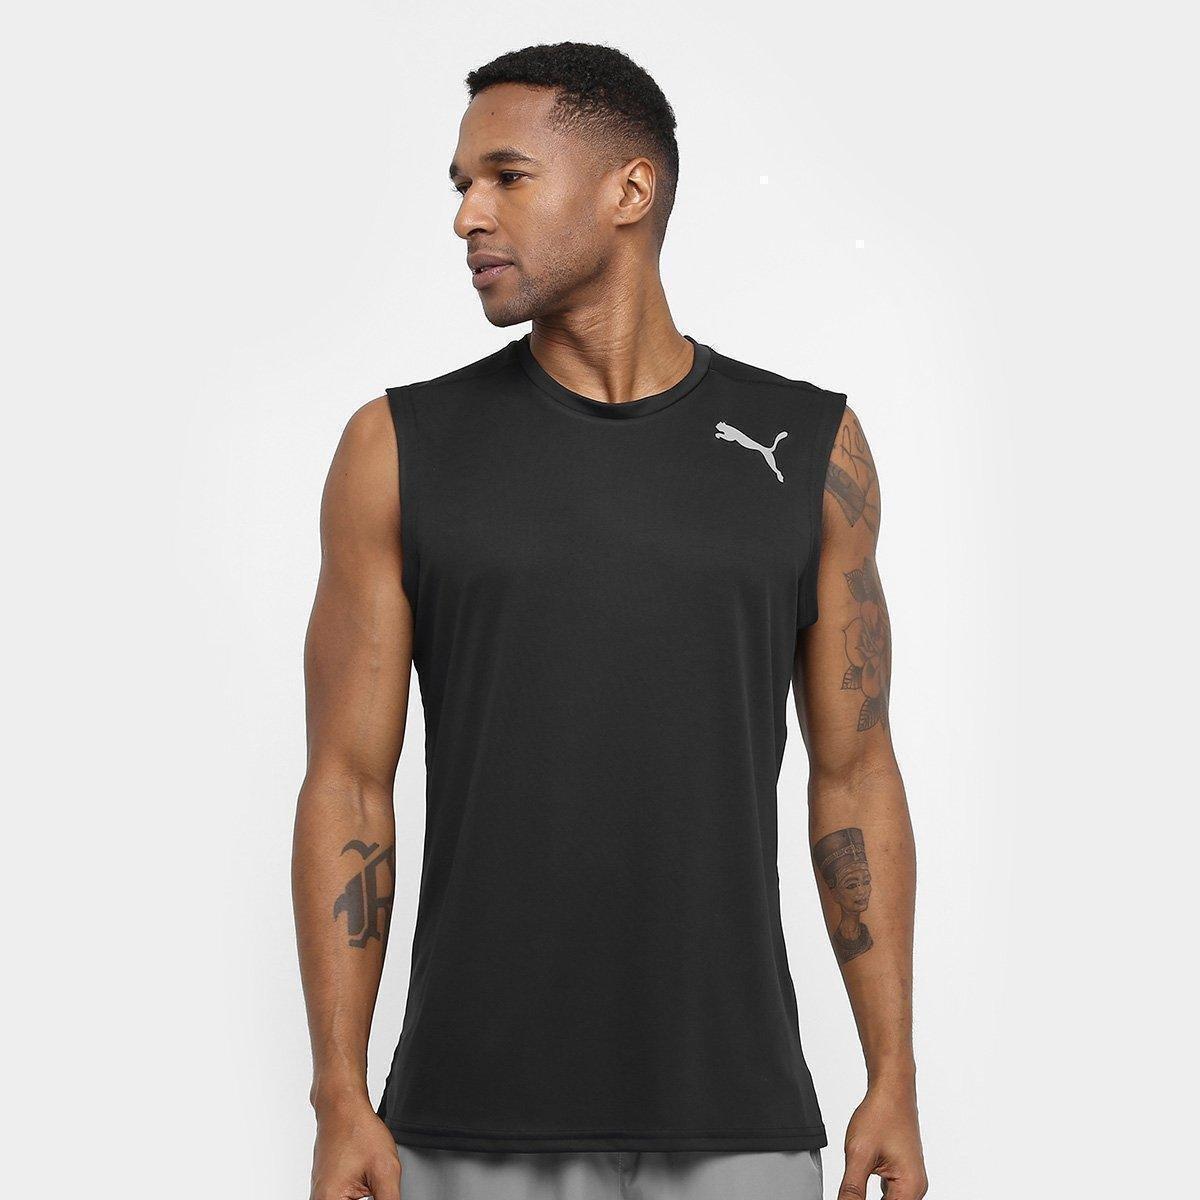 Camiseta Regata Puma Essential - Compre Agora  1f4654b2838